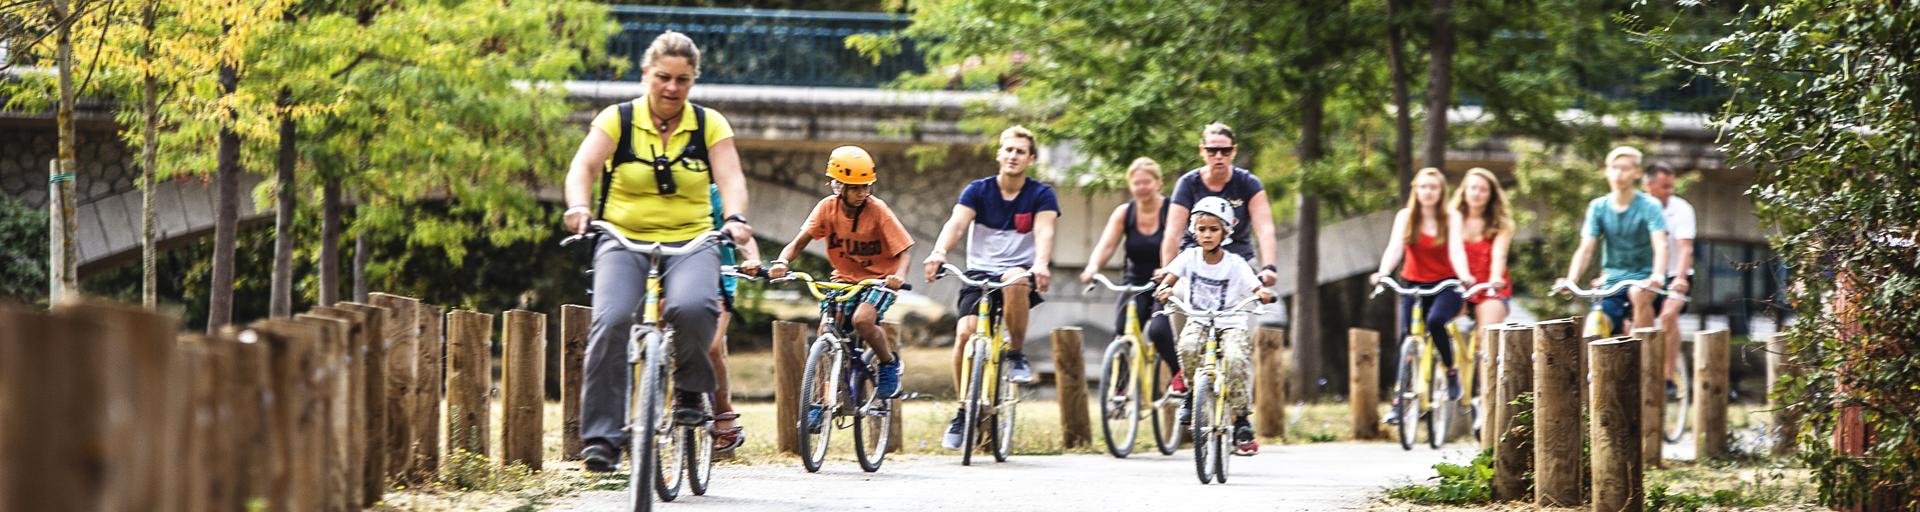 Groupe à vélo se dirigeant vers le site